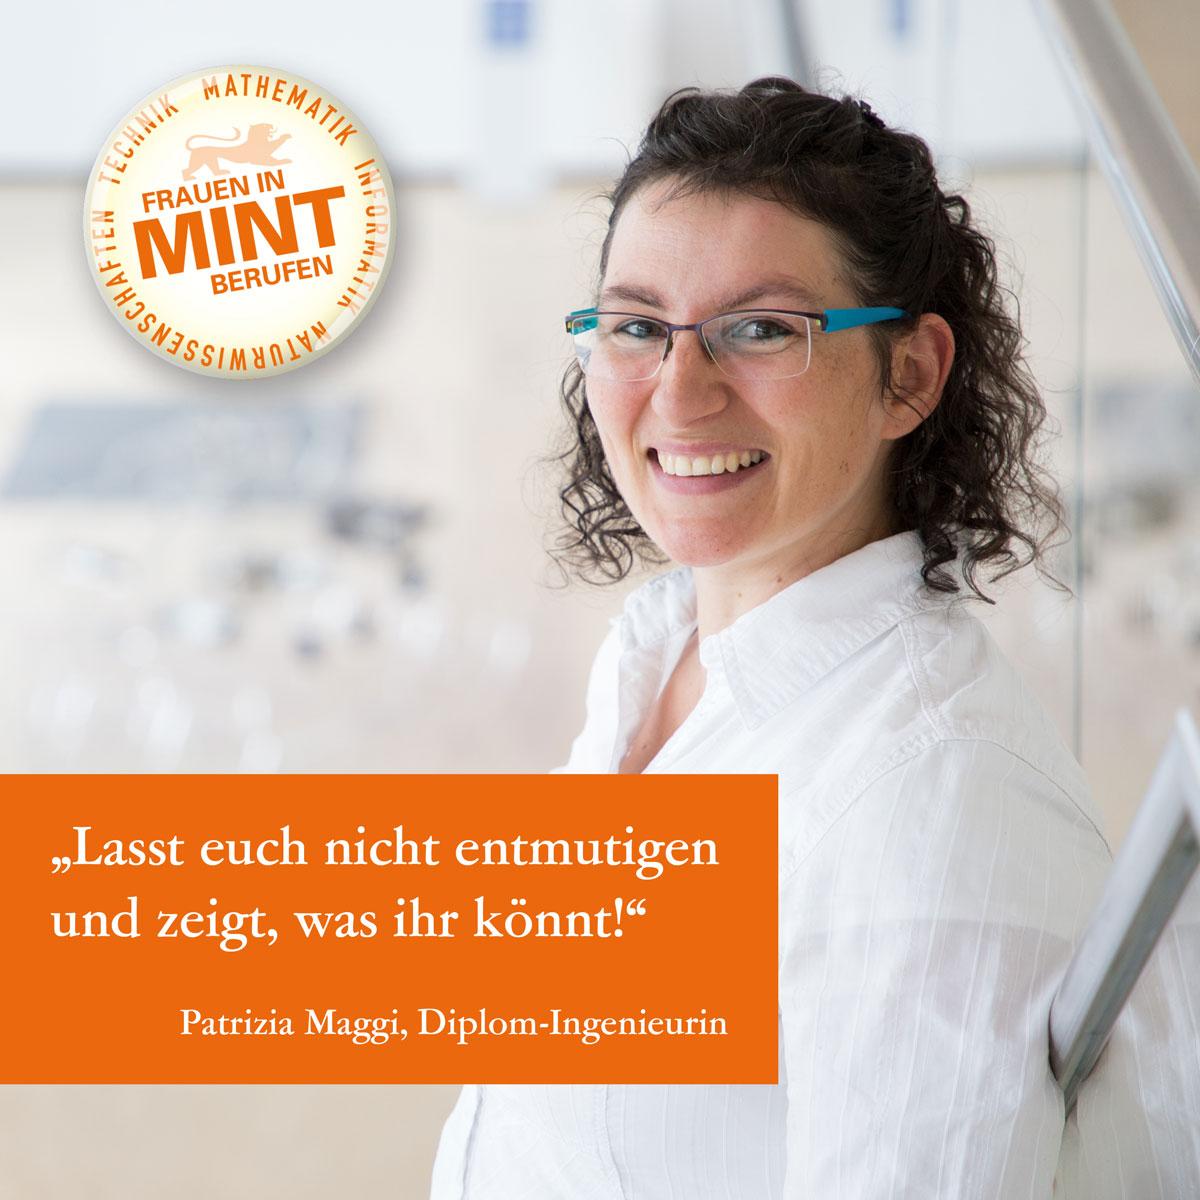 Die Diplom-Ingenieurin Patrizia Maggi lächelt strahlend in die Kamera. Im Bild ist ein Zitat von ihr eingefügt: Lasst euch nicht entmutigen und zeigt, was ihr könnt.